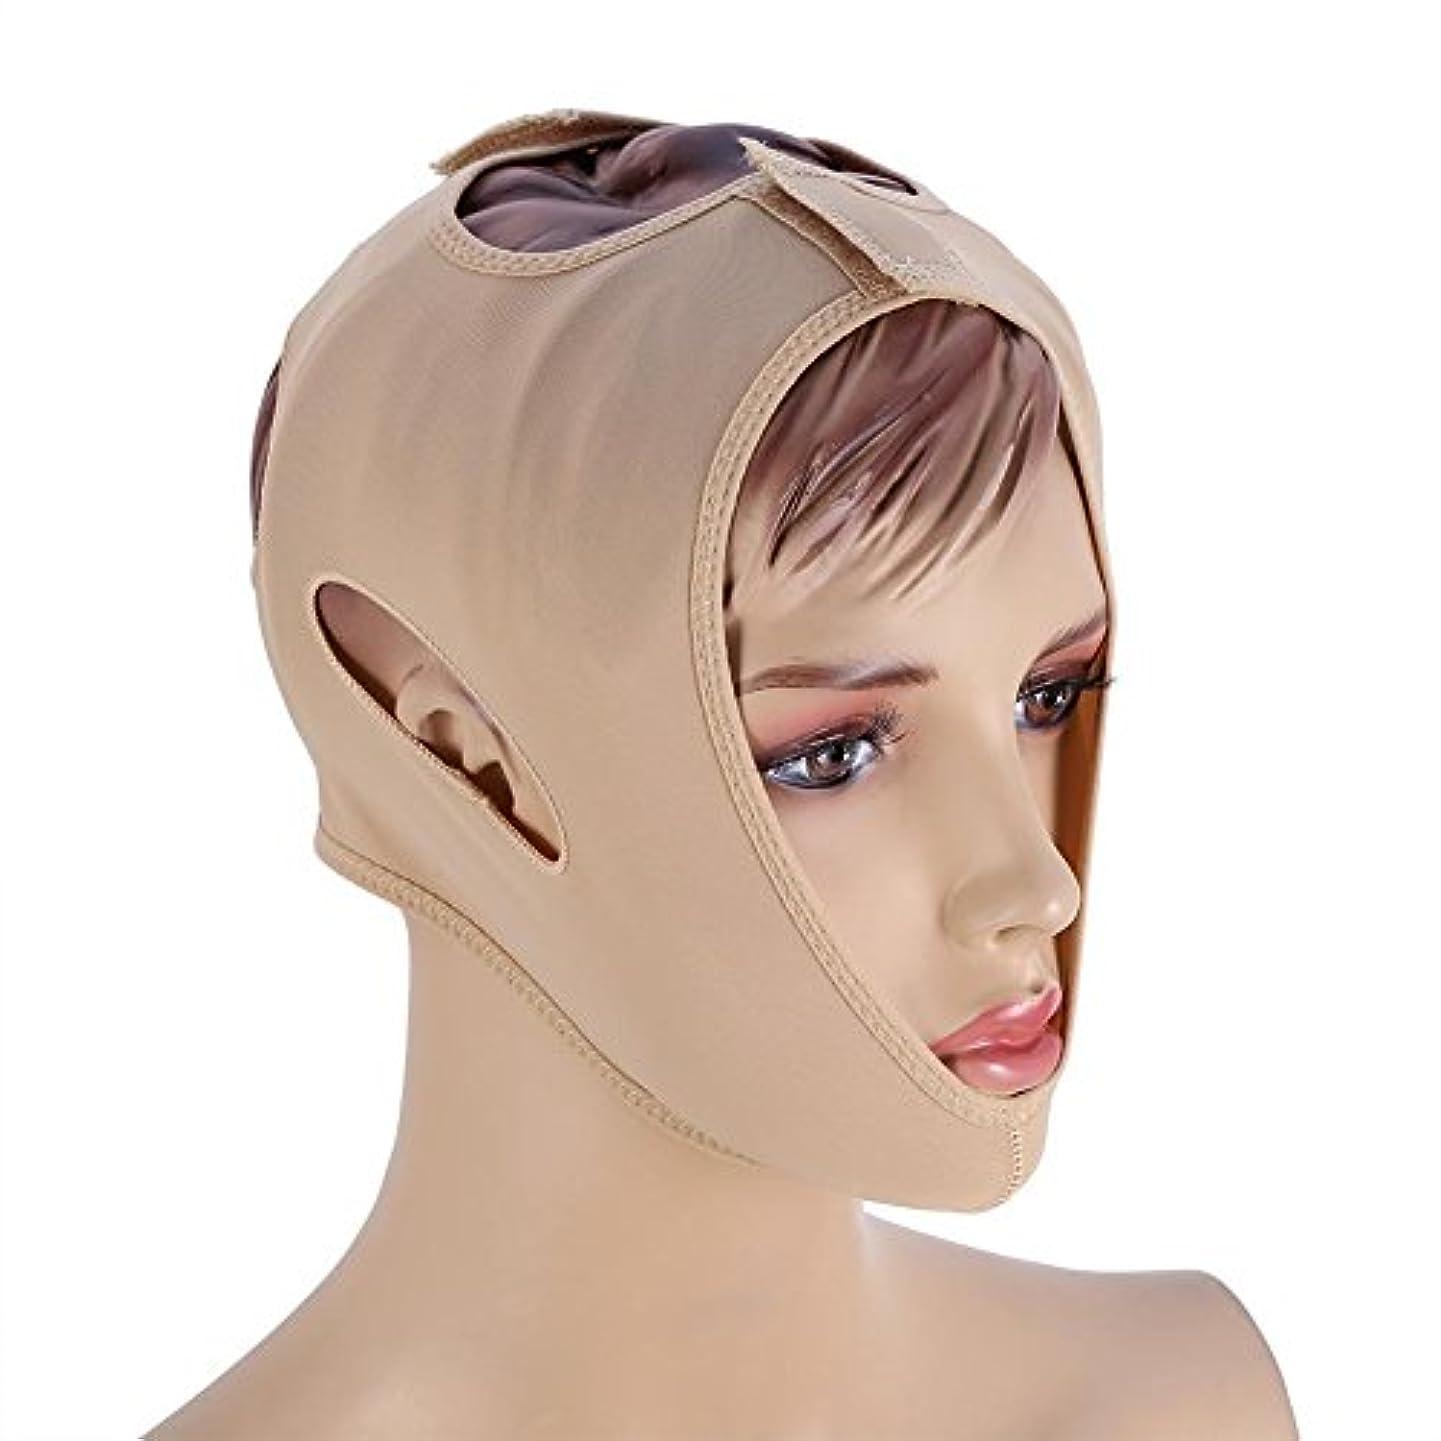 運動するに向けて出発締めるフェイスベルト 額、顎下、頬リフトアップ 小顔 美顔 頬のたるみ 引き上げマスク便利 伸縮性 繊維 (L码)